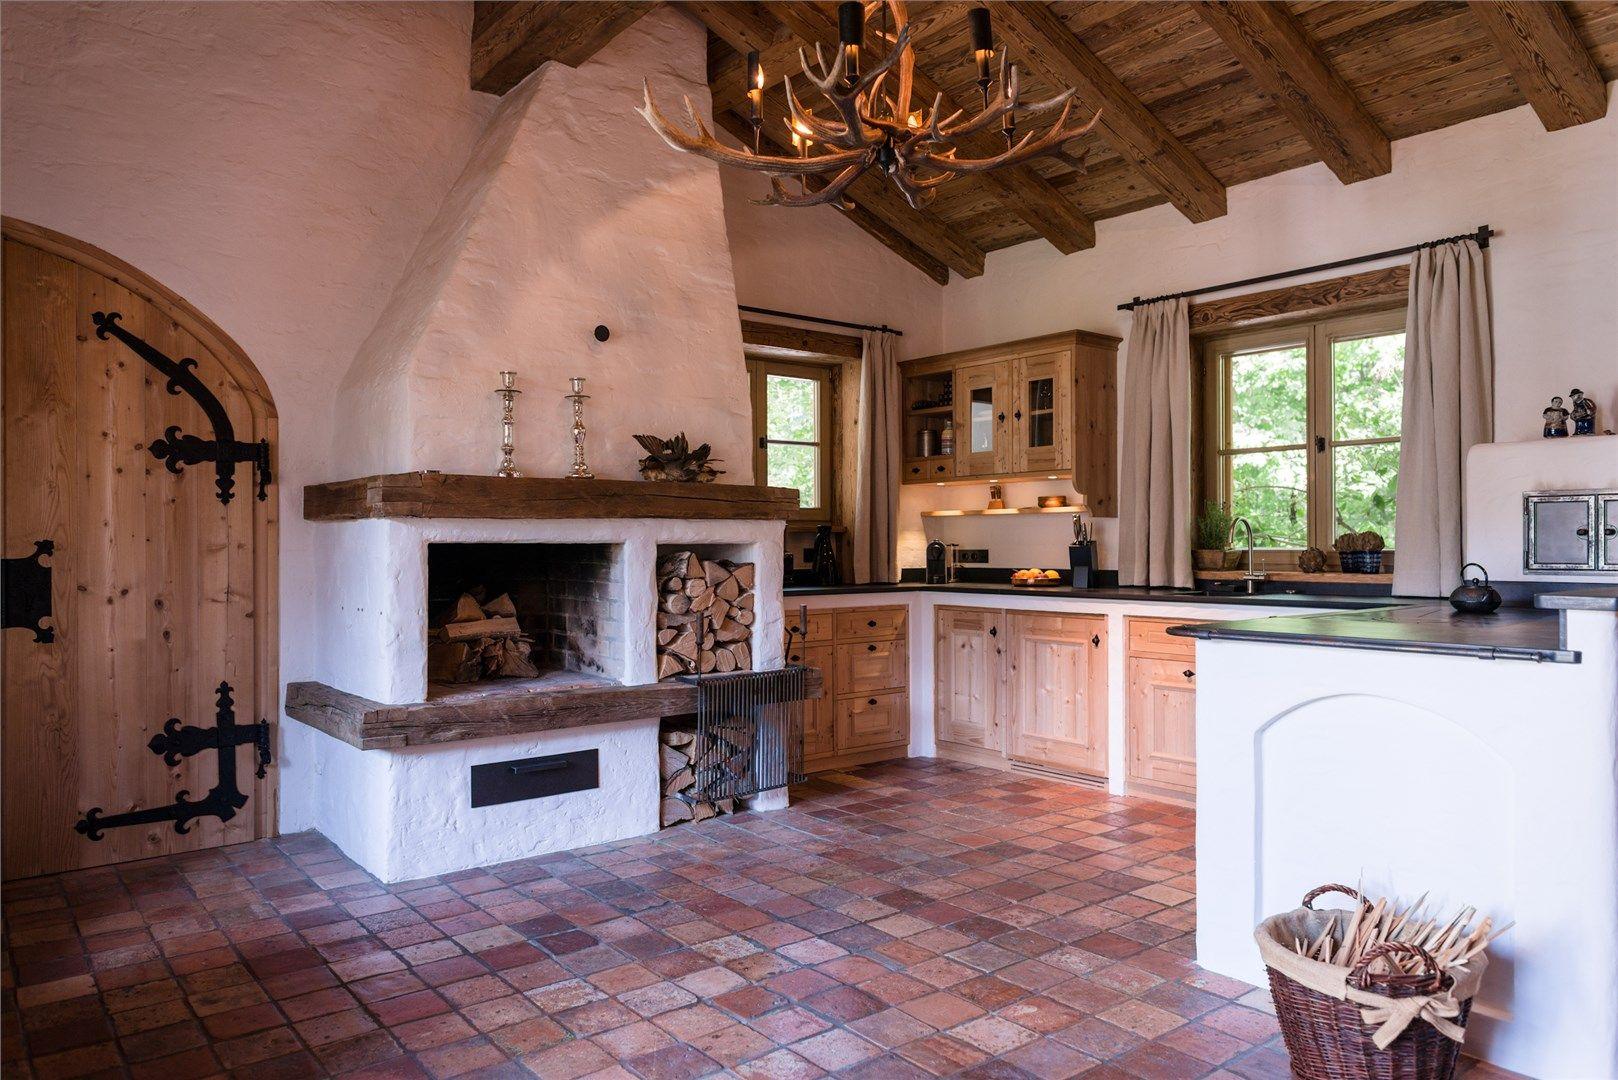 Offene Bauernküche mit Kaminofen in traditionellem Landhaus ...